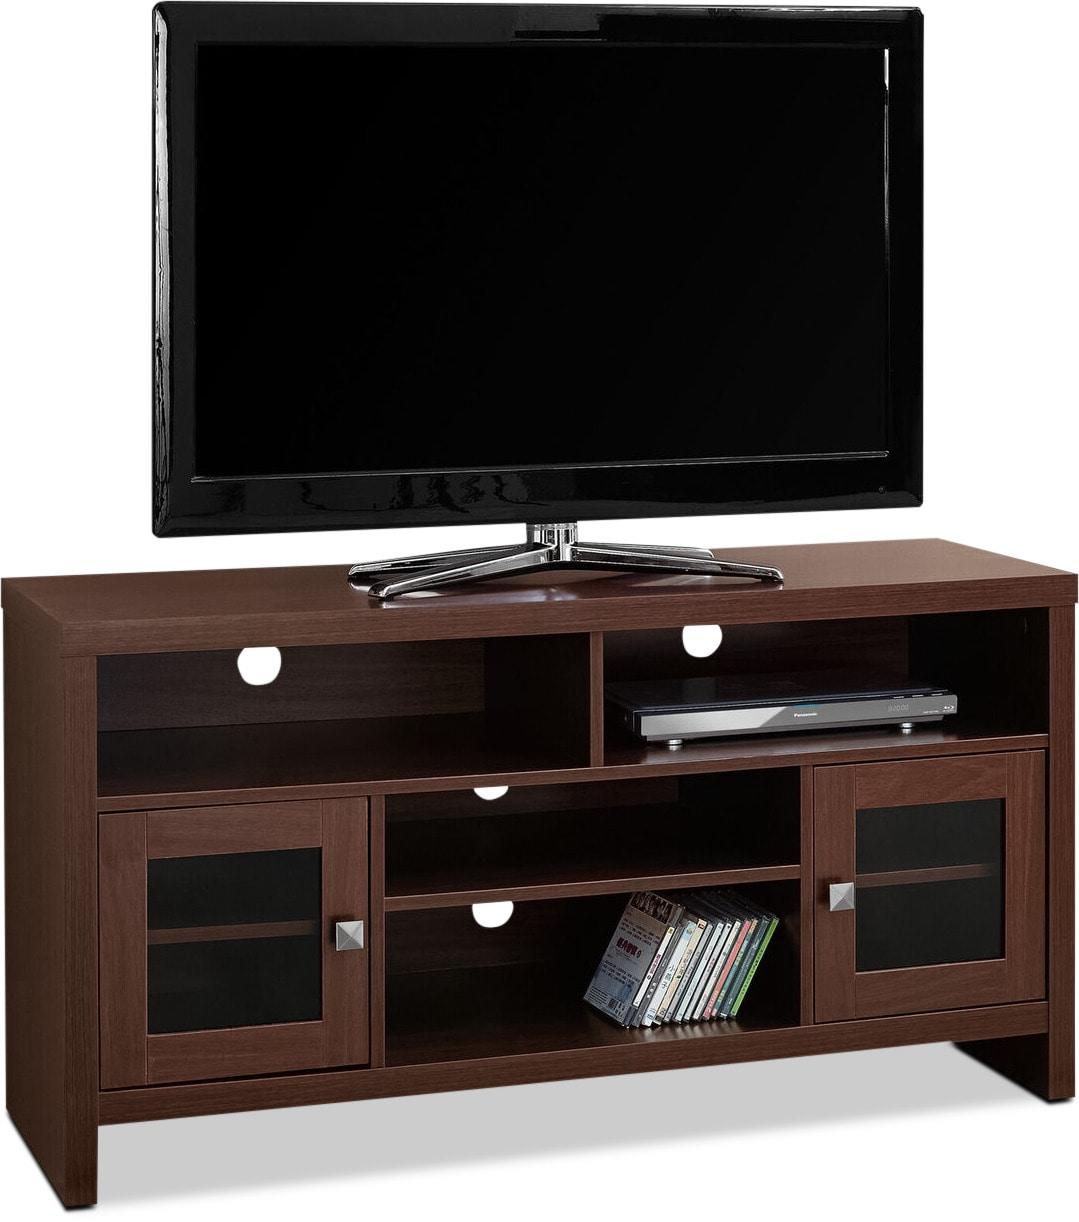 Entertainment Furniture - Gannon TV Stand - Warm Cherry